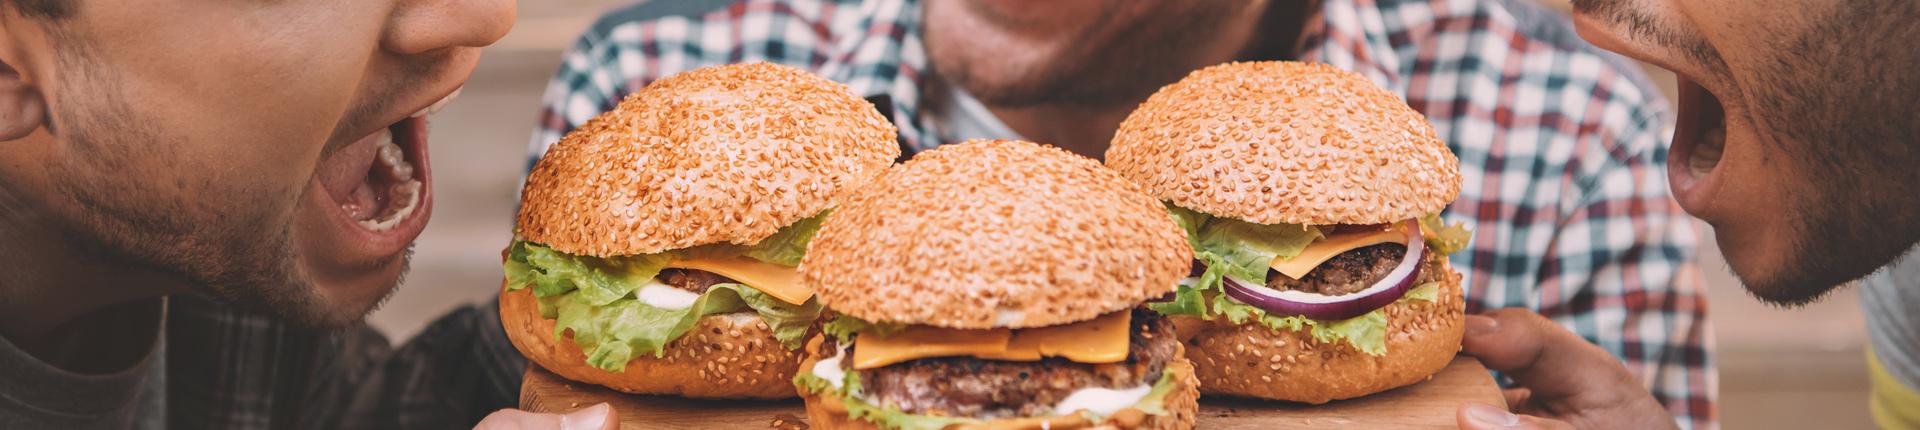 """Jak być """"fit"""", jedząc na mieście?"""